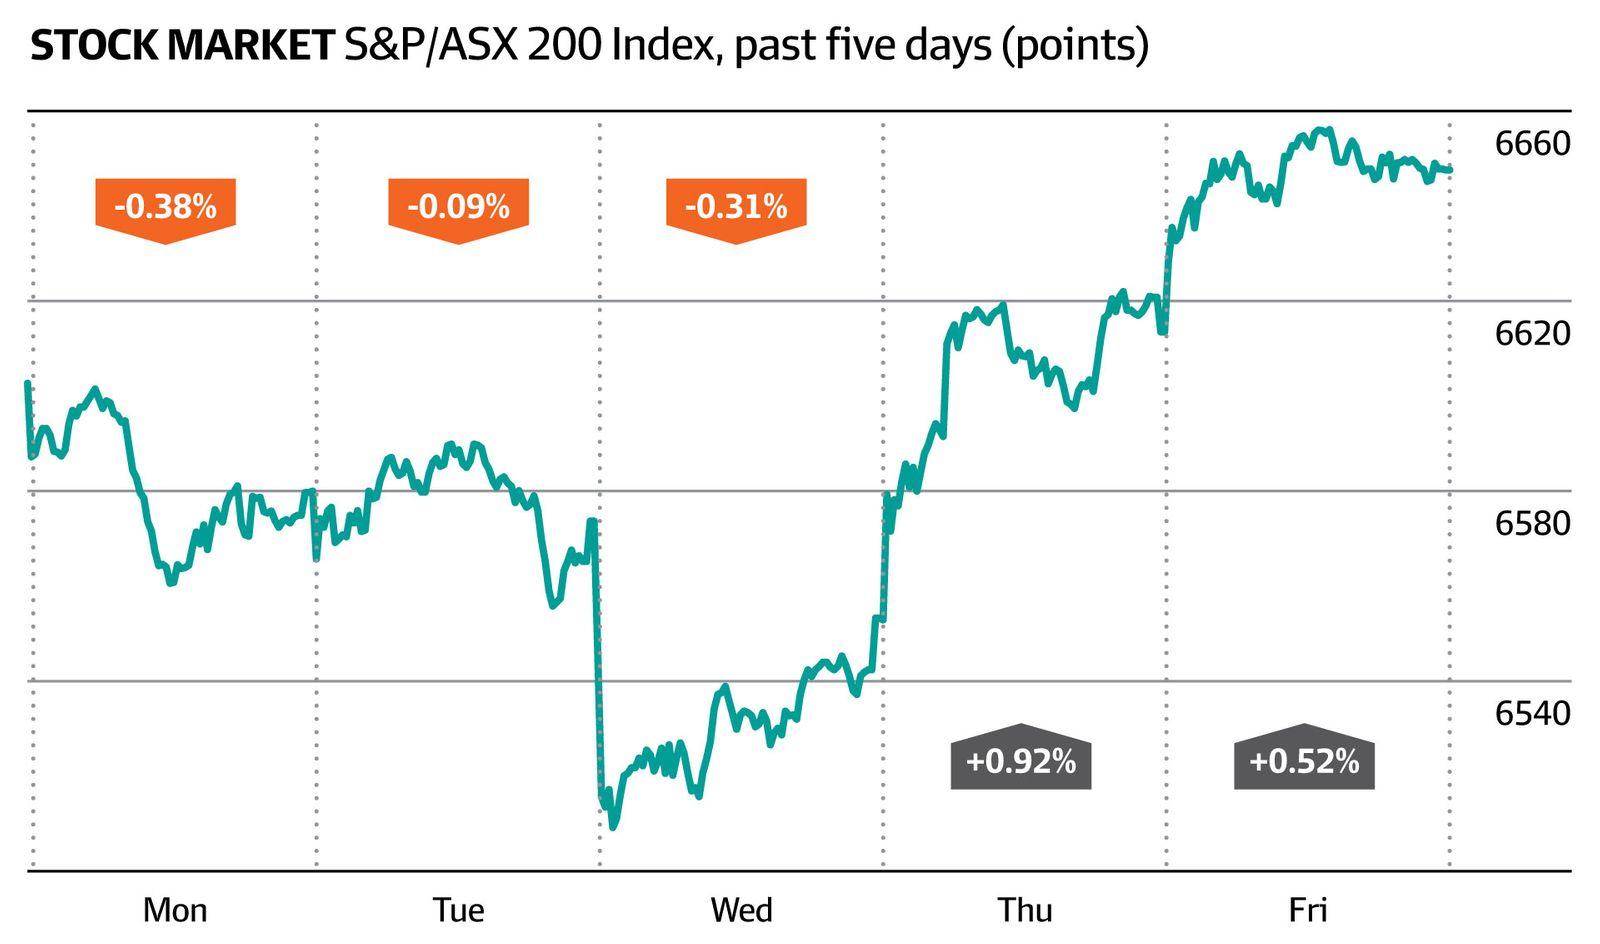 Stockmarket S&P/ASX 200 index, past five days (AFR)